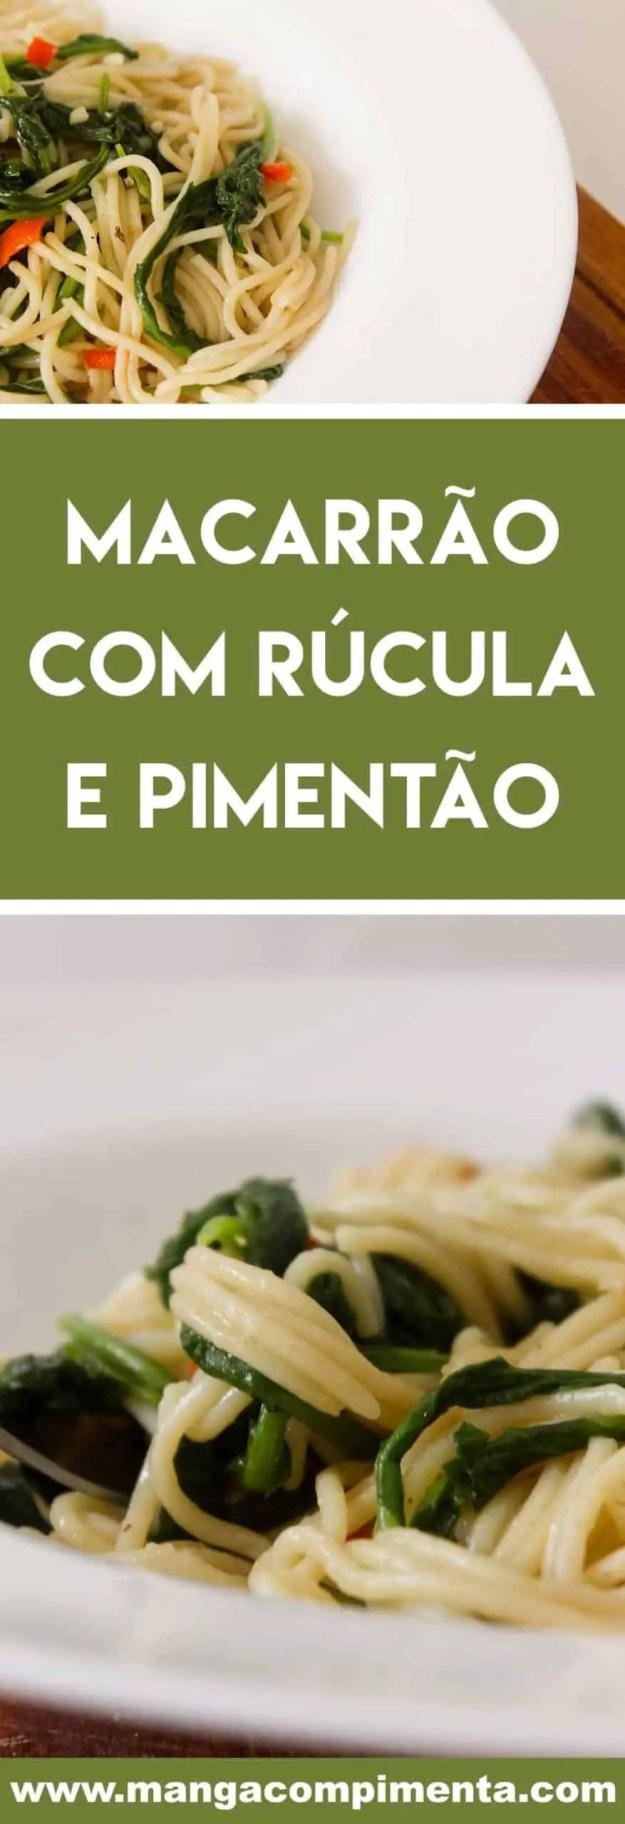 Receita de Macarrão com Rúcula e Pimentão - um prato gostoso para os dias quentes de verão!